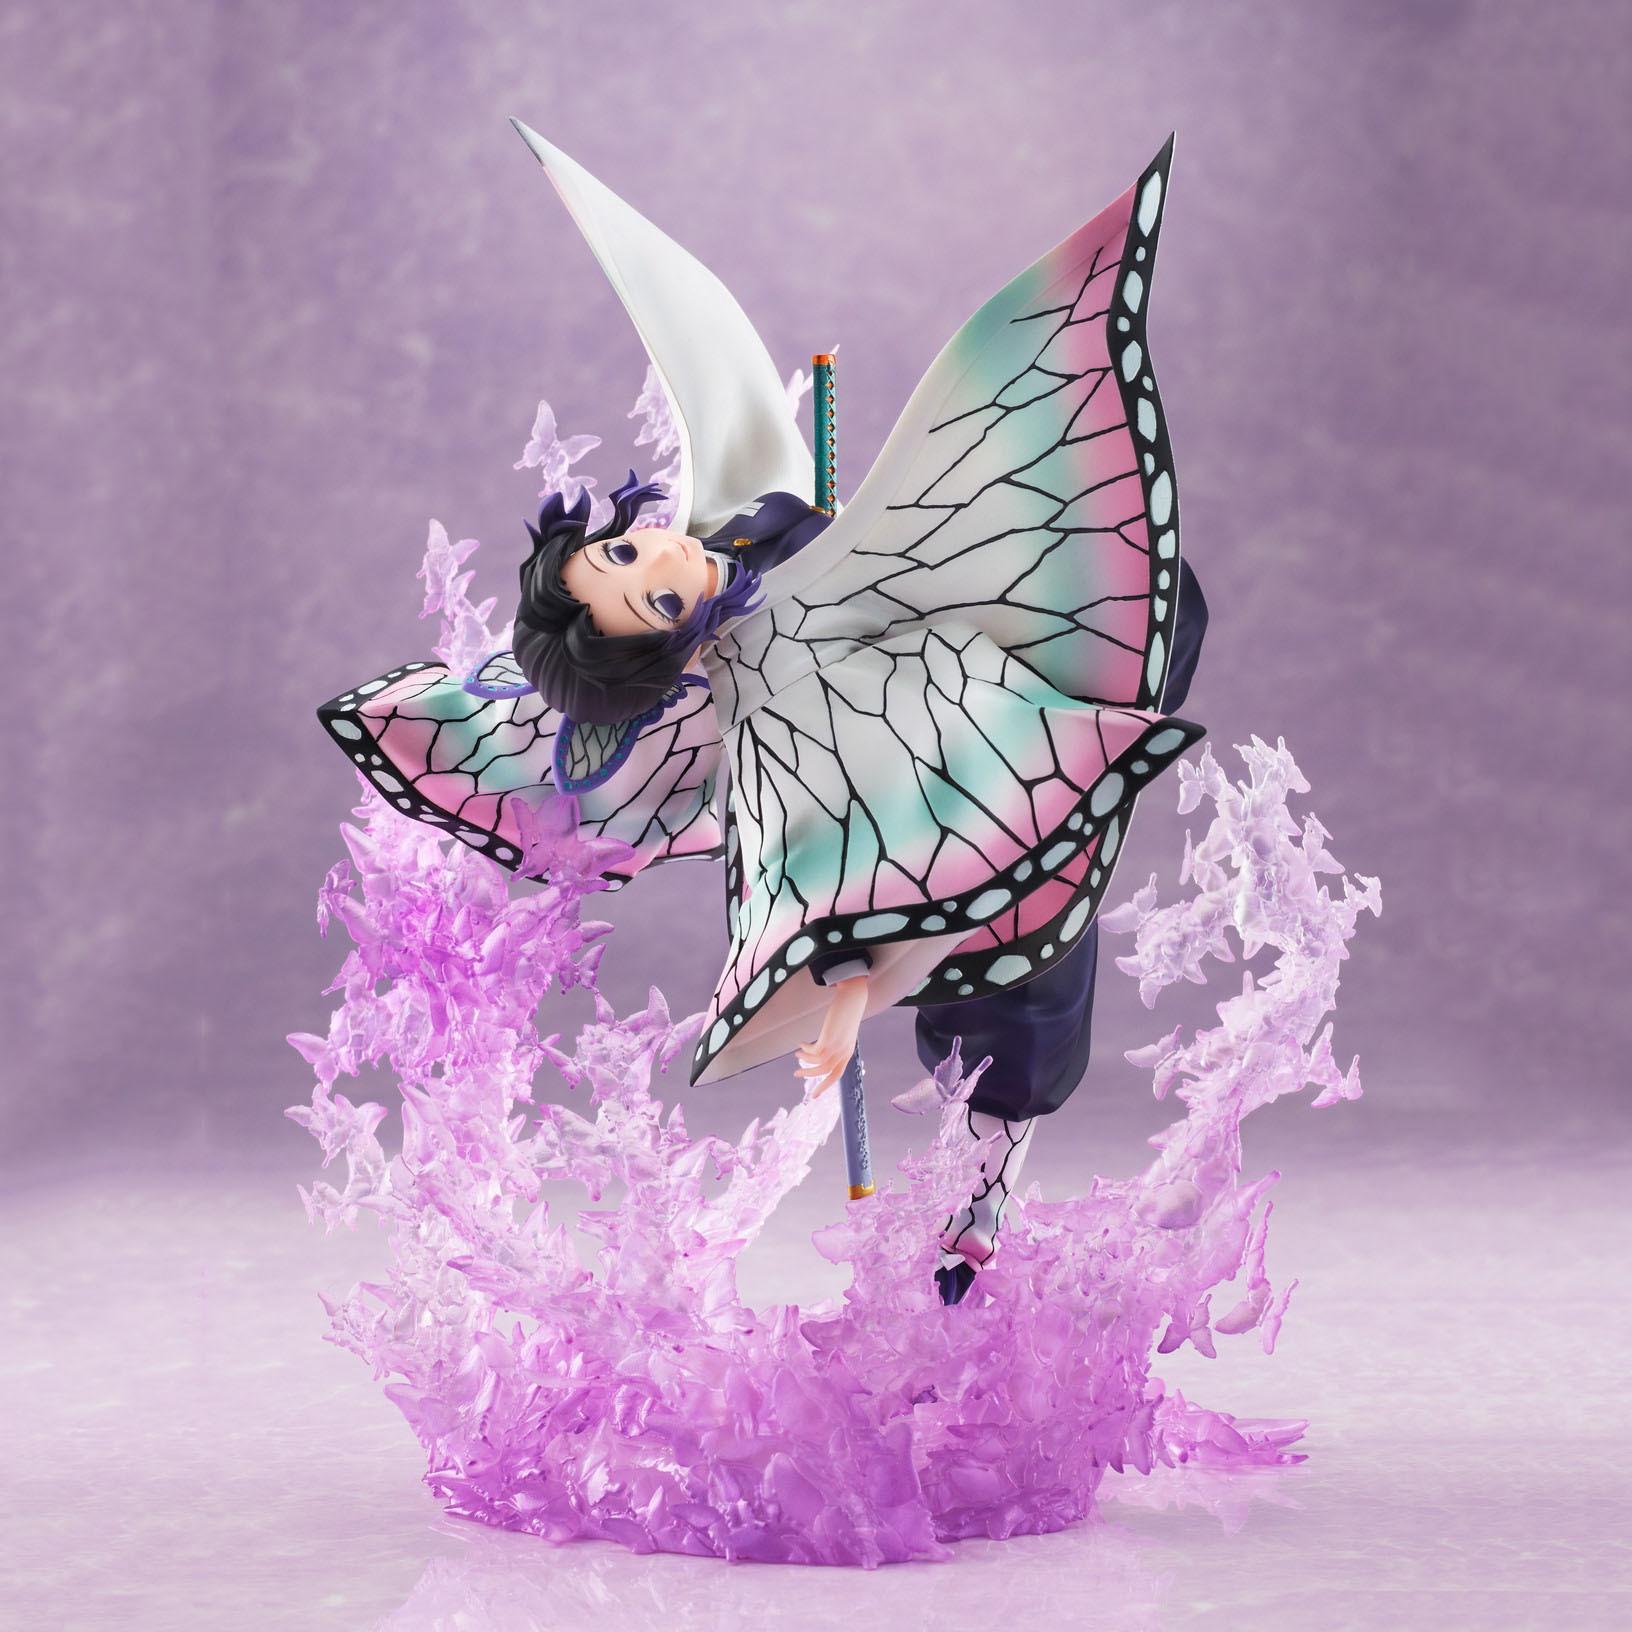 【手办模型】Aniplex《鬼灭之刃》蝴蝶忍 虫柱1/8比例手办详情